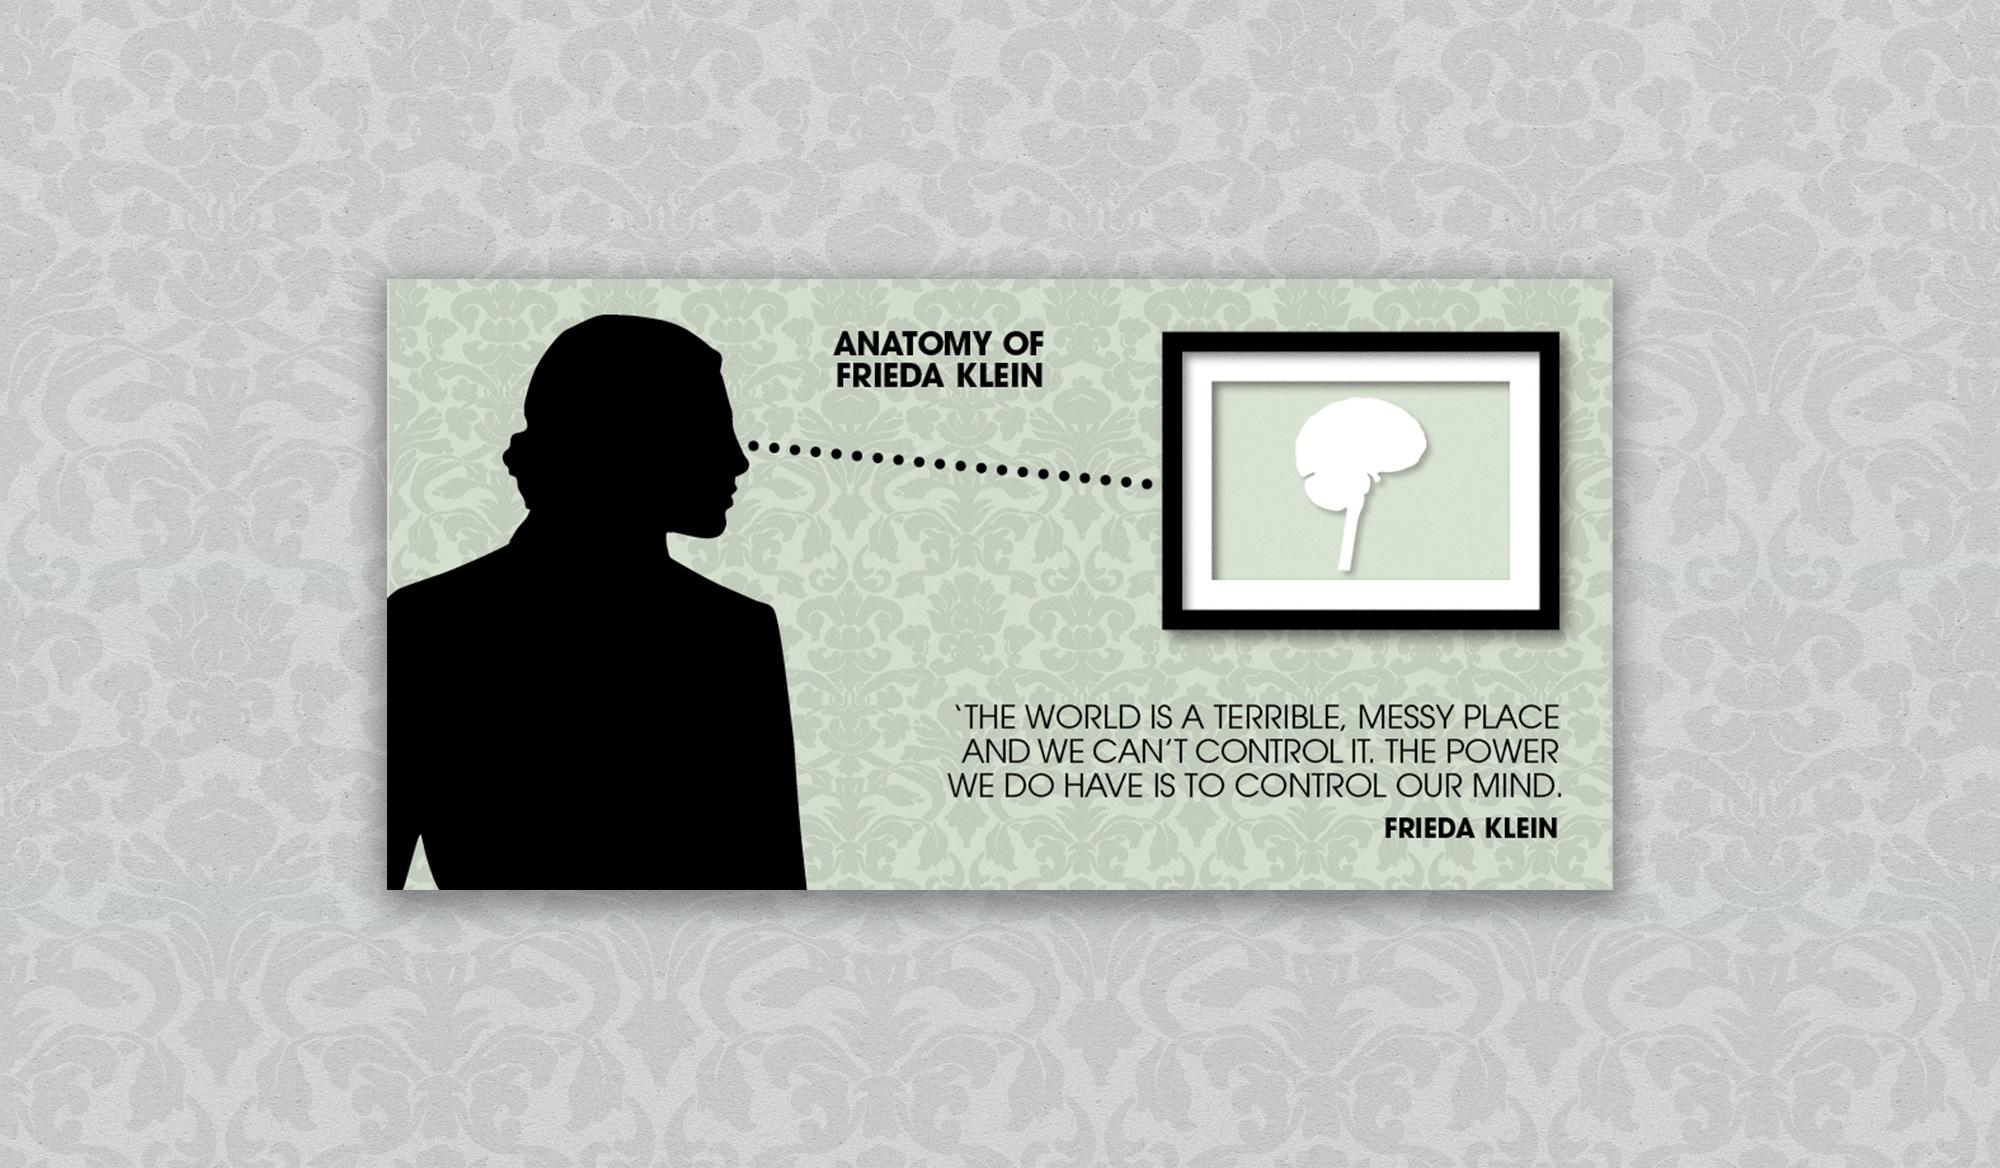 frieda-klein-background-1